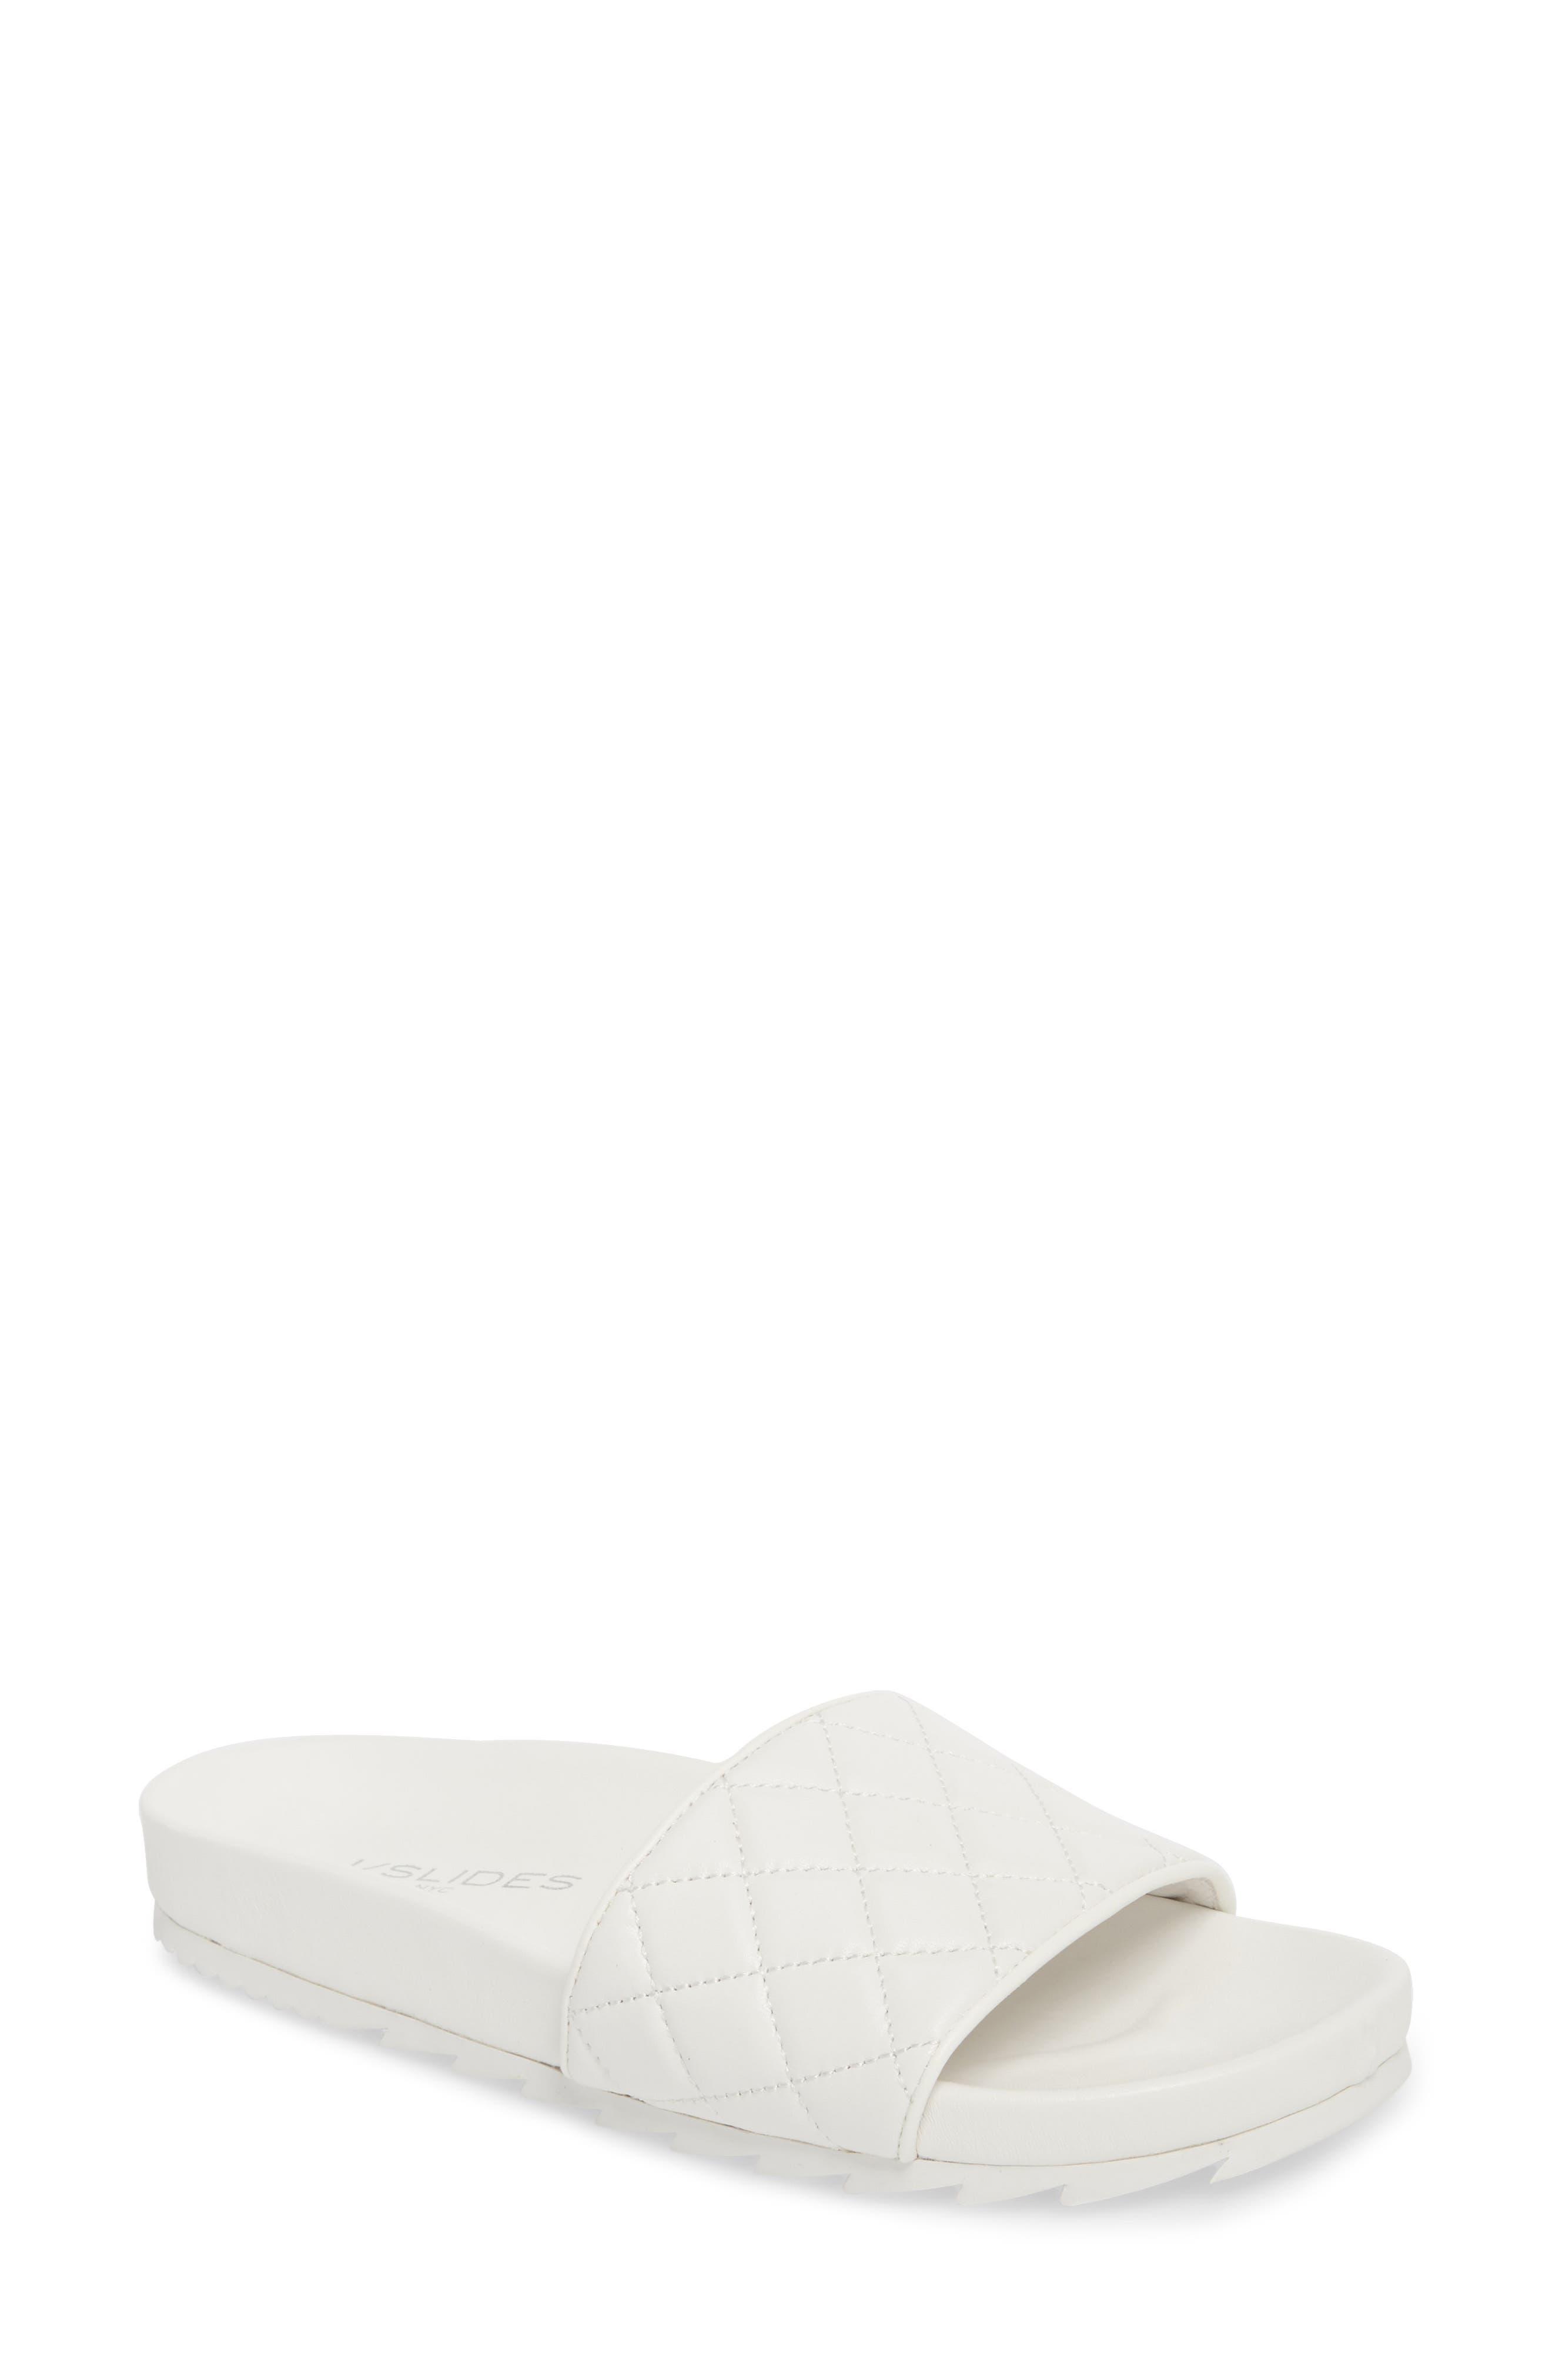 Jslides Edge Slide Sandal- White